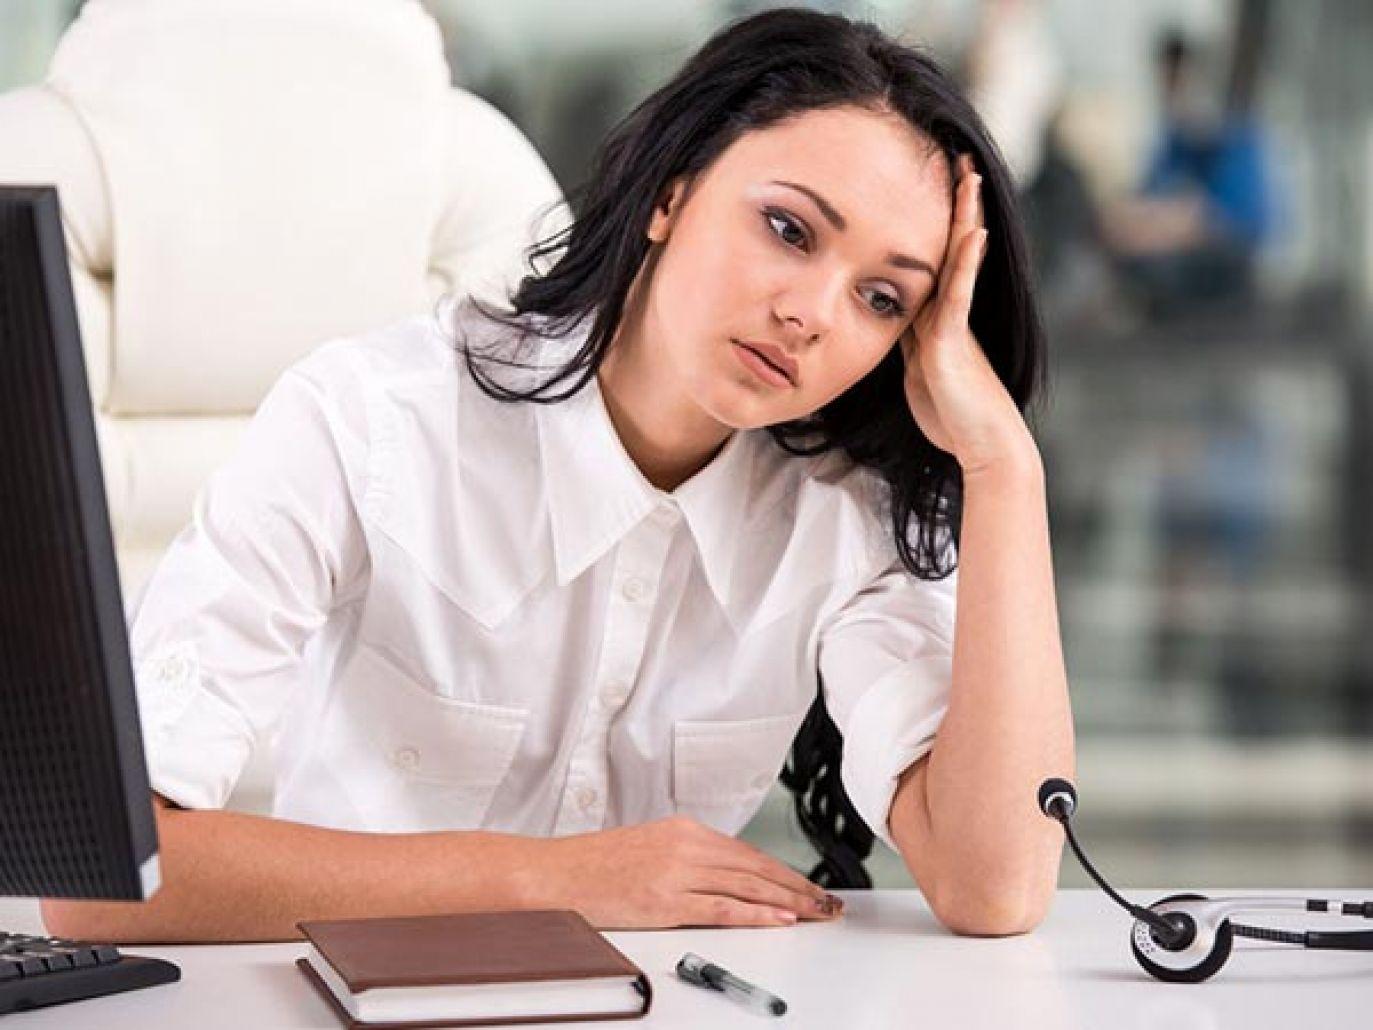 ما هي أسباب الإصابة بمرض السكري عند النساء؟